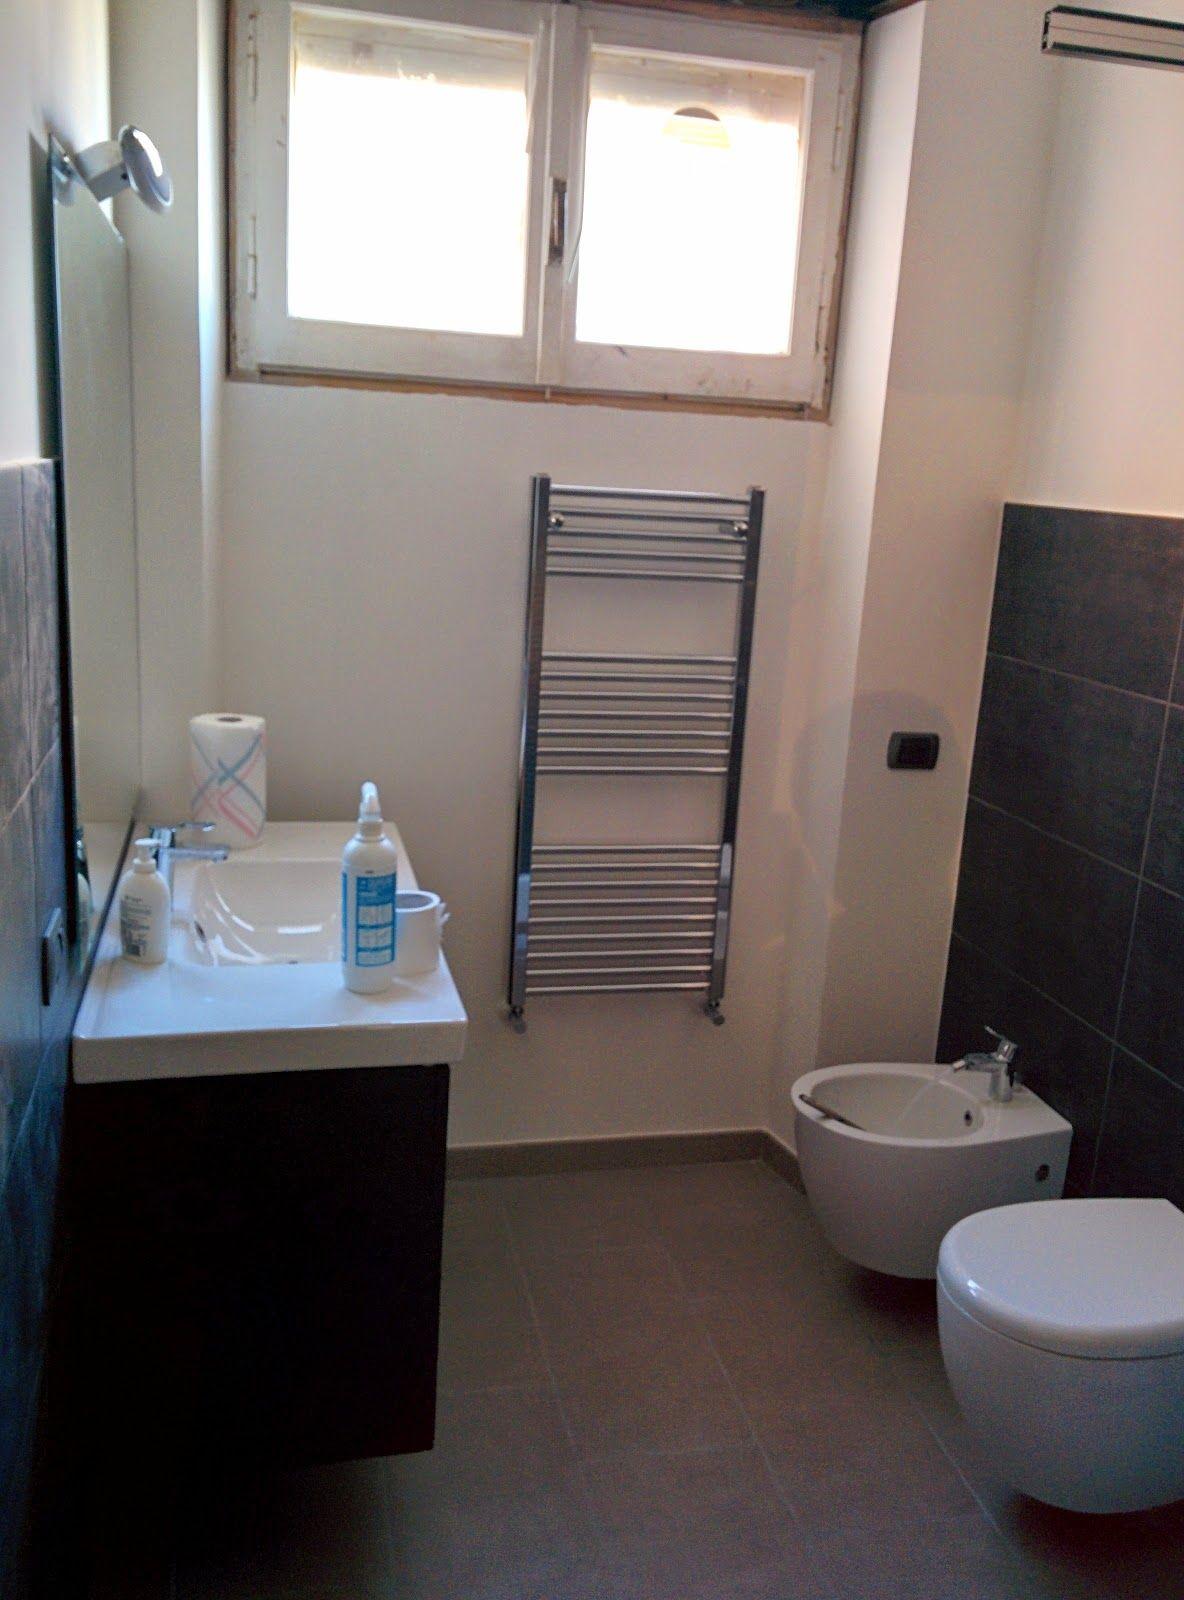 bagno secondario con rivestimento a parete a media altezza in gres porcellanato effetto lavagna ...